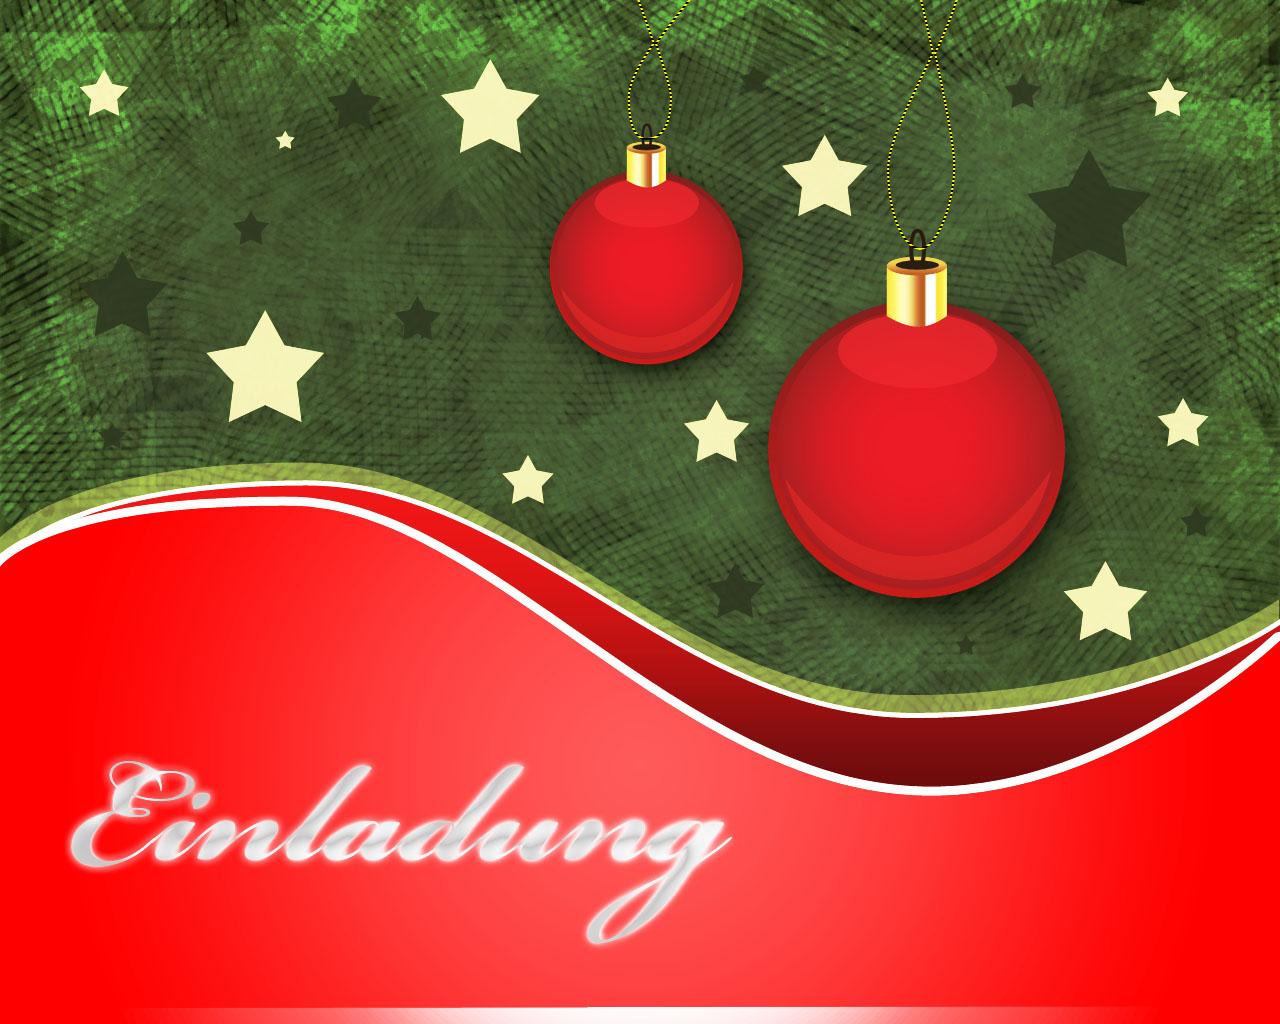 Tutorial: Einladung zur Weihnachtsfeier gestalten » Saxoprint-Blog